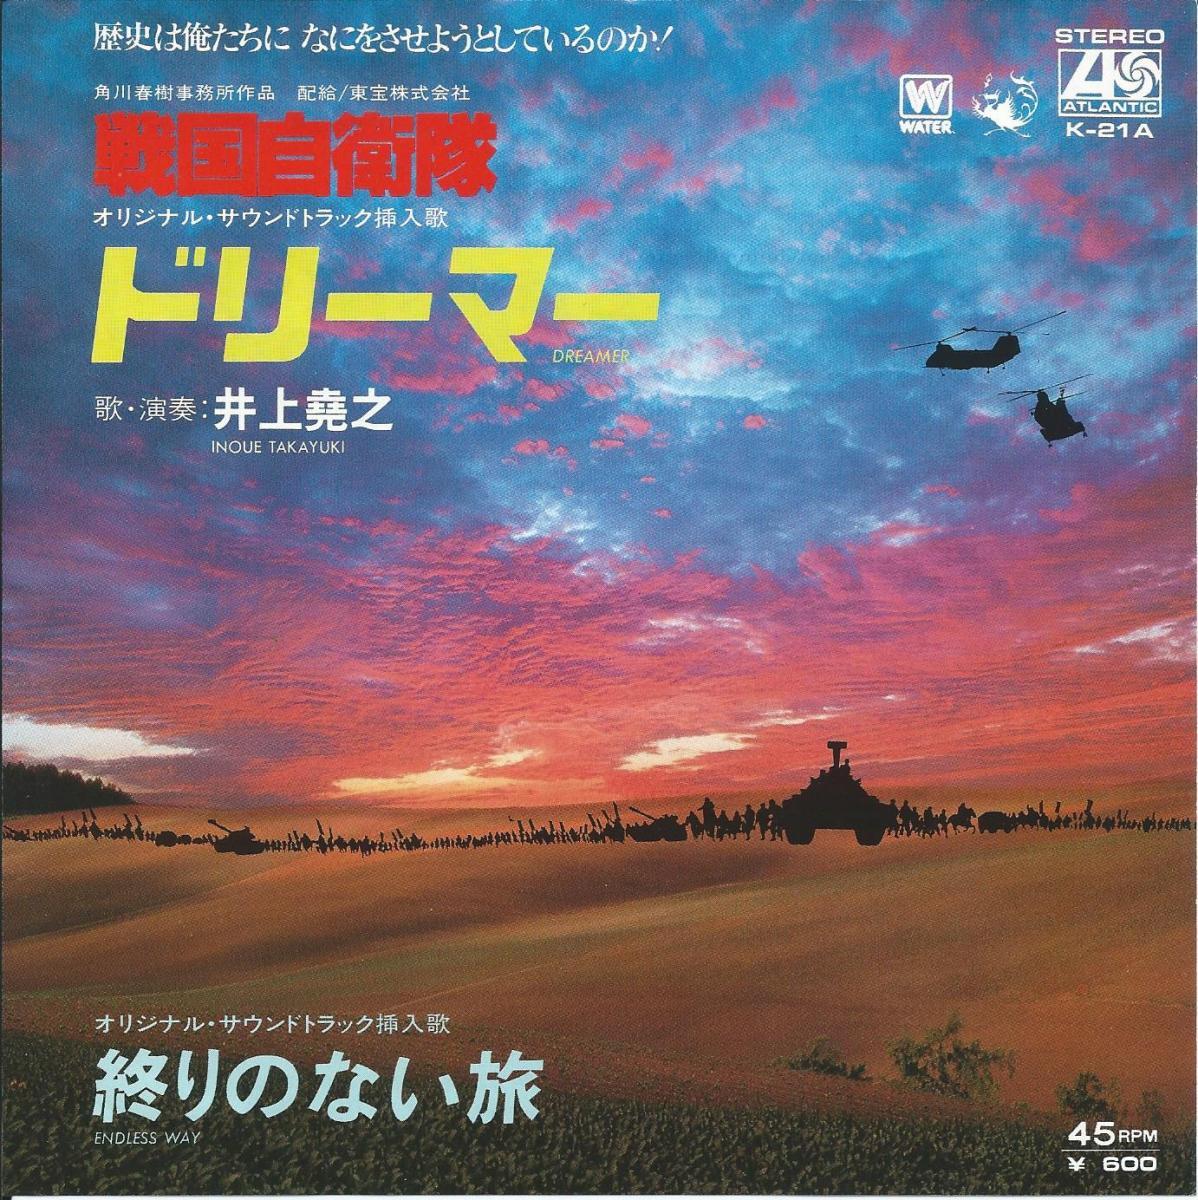 井上堯之 TAKAYUKI INOUE / ドリーマー DREAMER / 終わりのない旅 ENDLESS WAY (戦国自衛隊 オリジナル・サウンド・トラック) (7